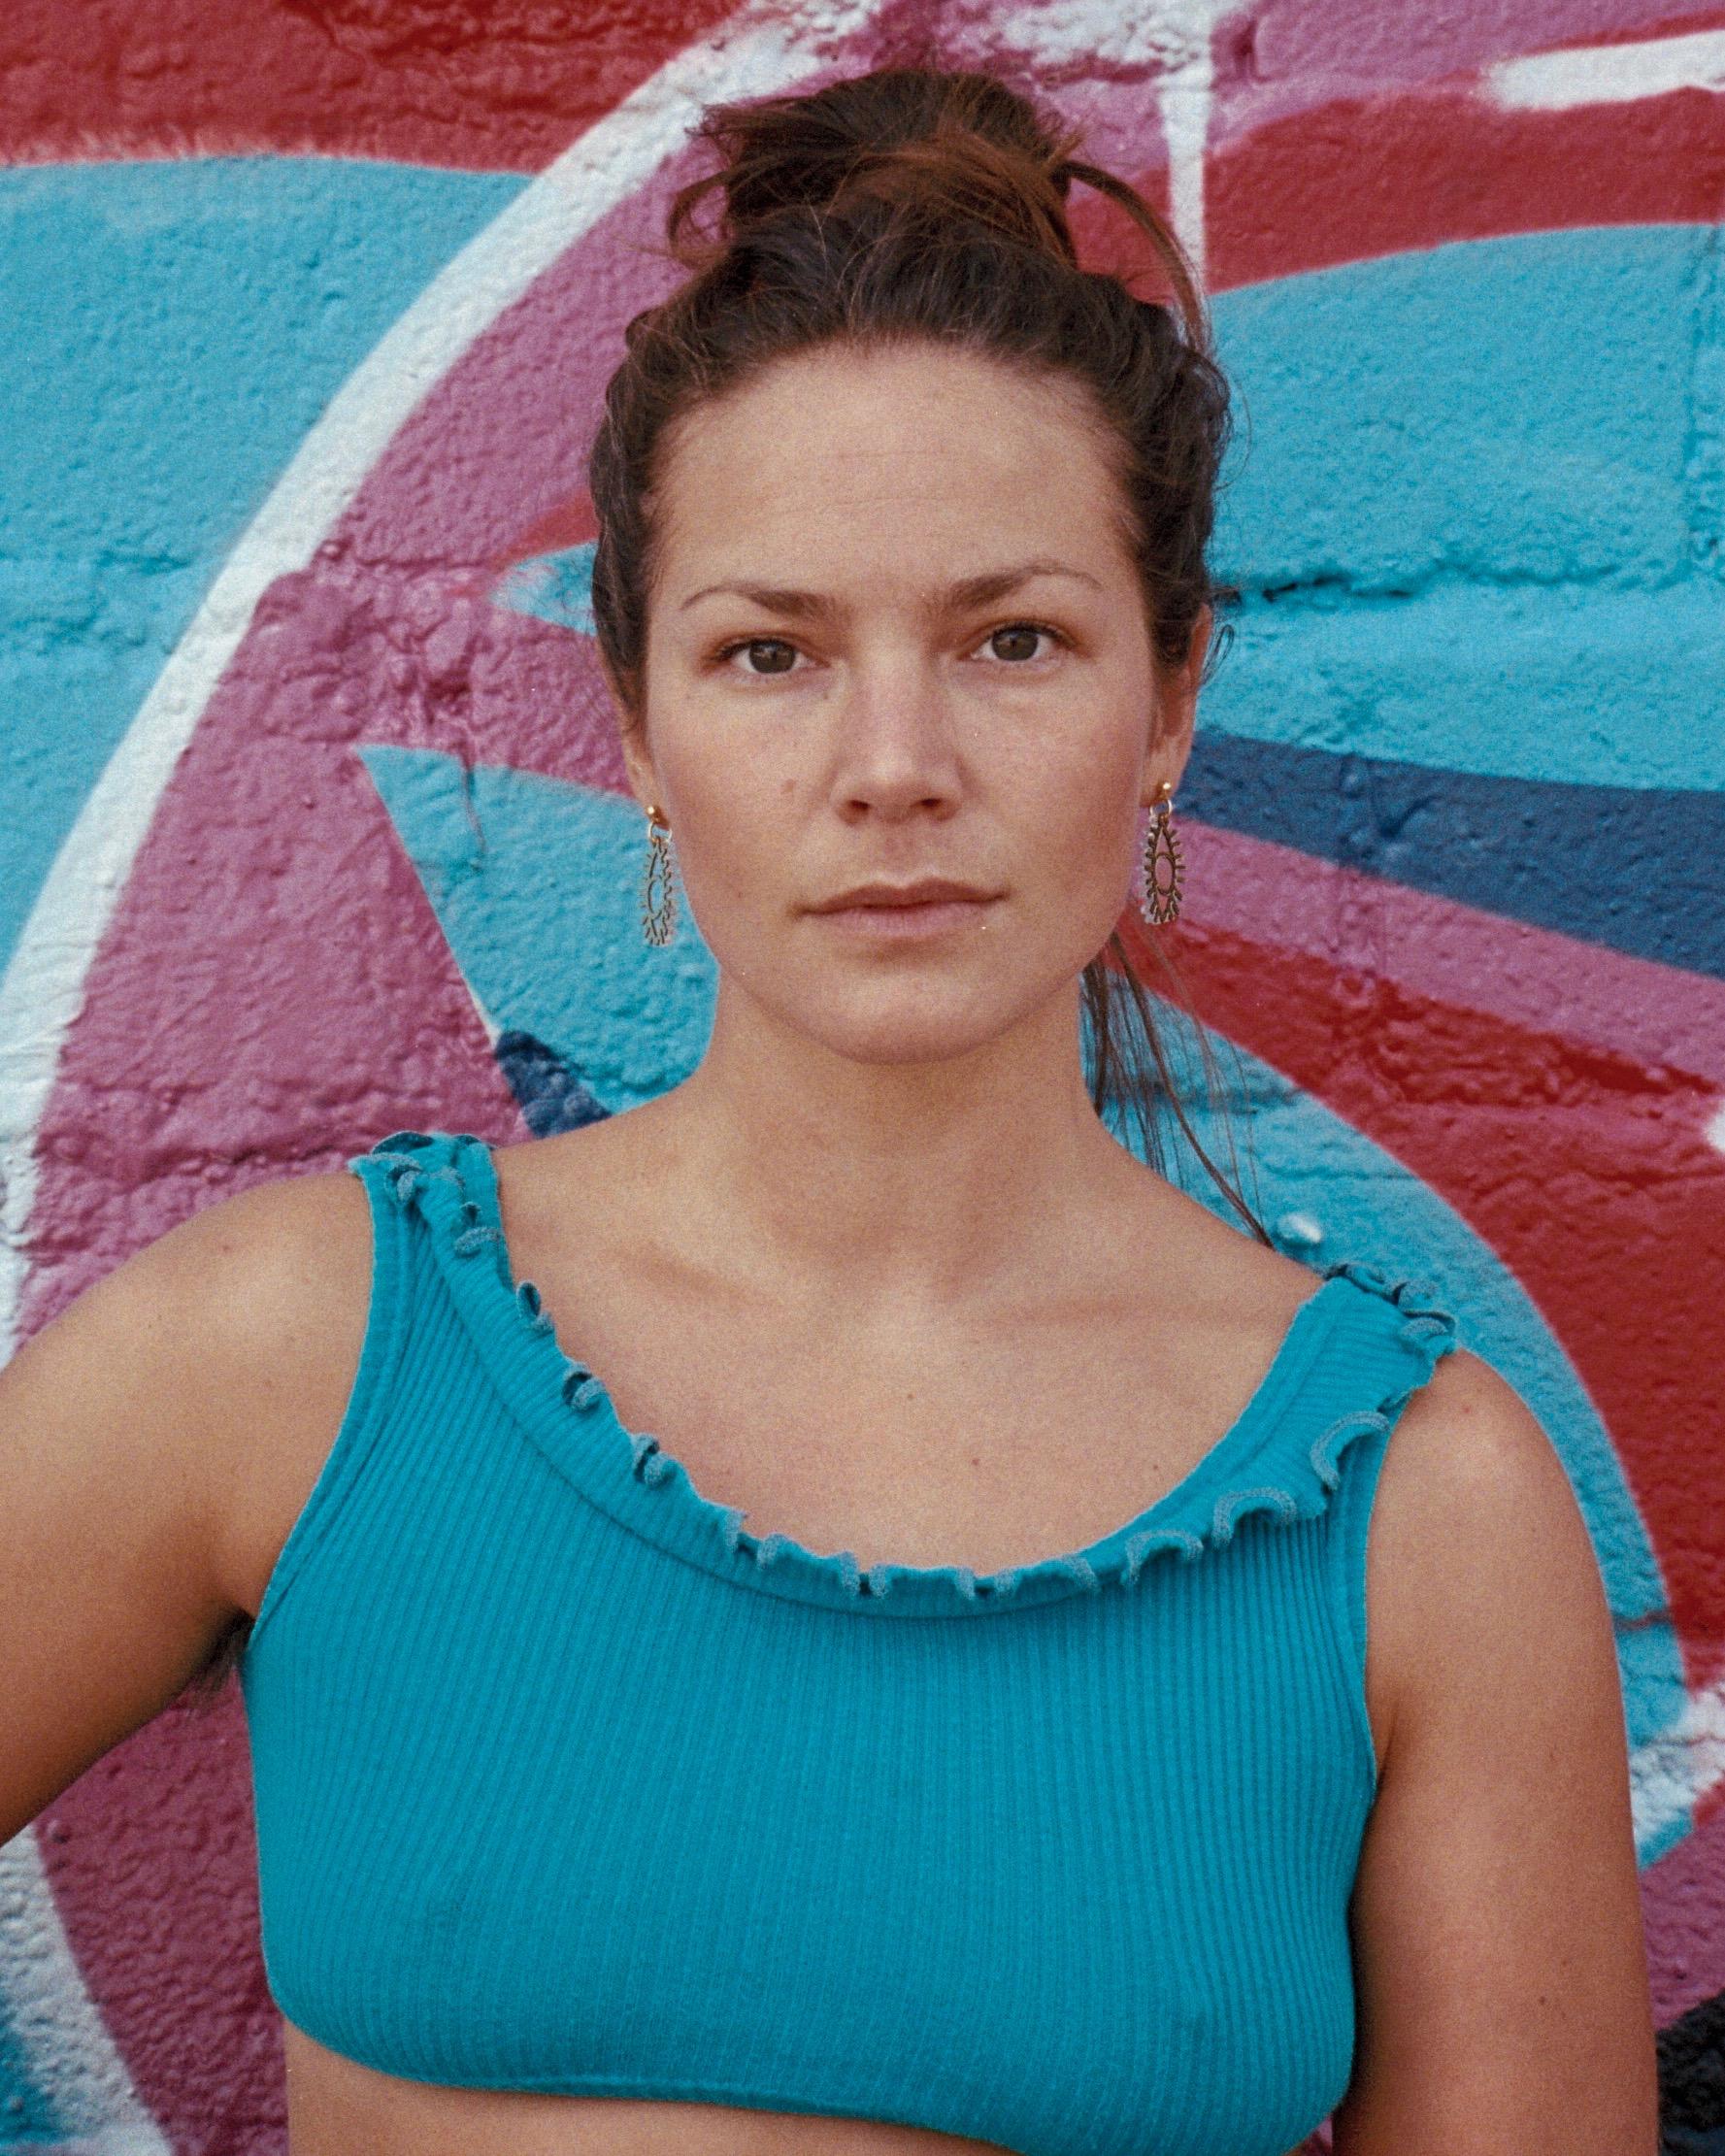 Kajsa Sparrefors.  Producent & skådespelare. Studerat bland annat teatervetenskap och har en kandidatexamen vid Teaterhögskolan i Göteborg.